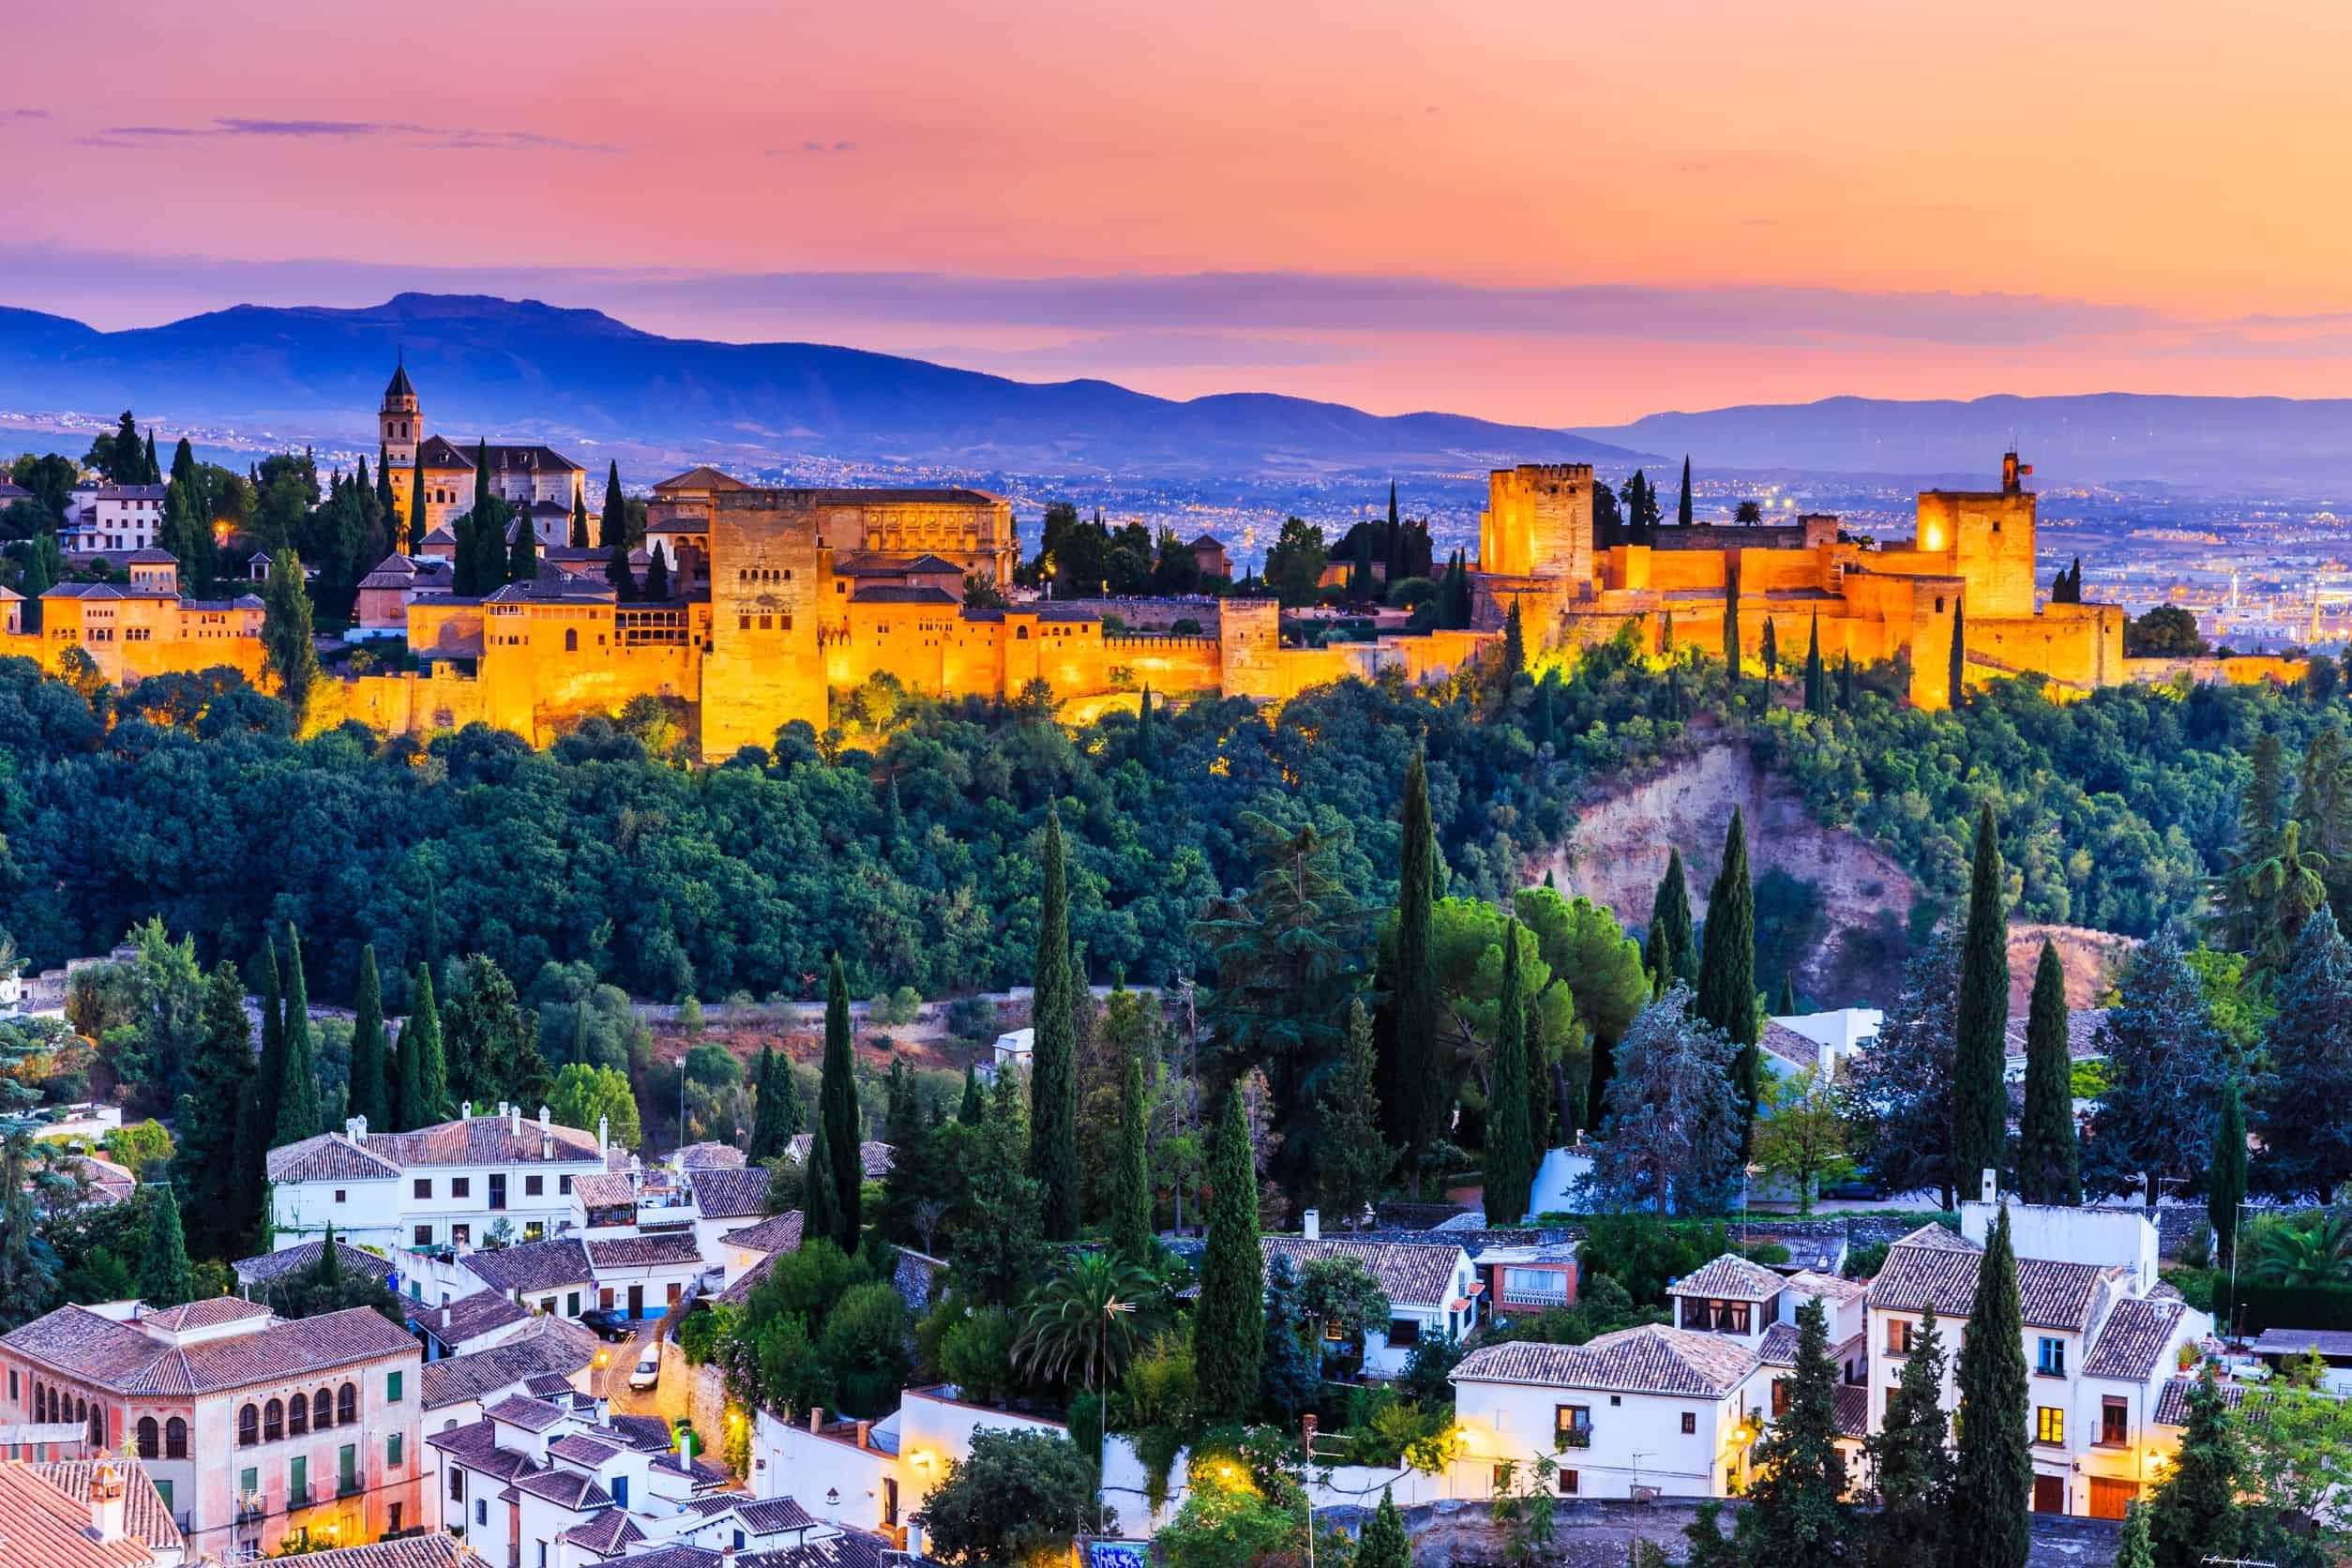 Rundreise Andalusien: Empfehlungen & Vergleich (04/20)